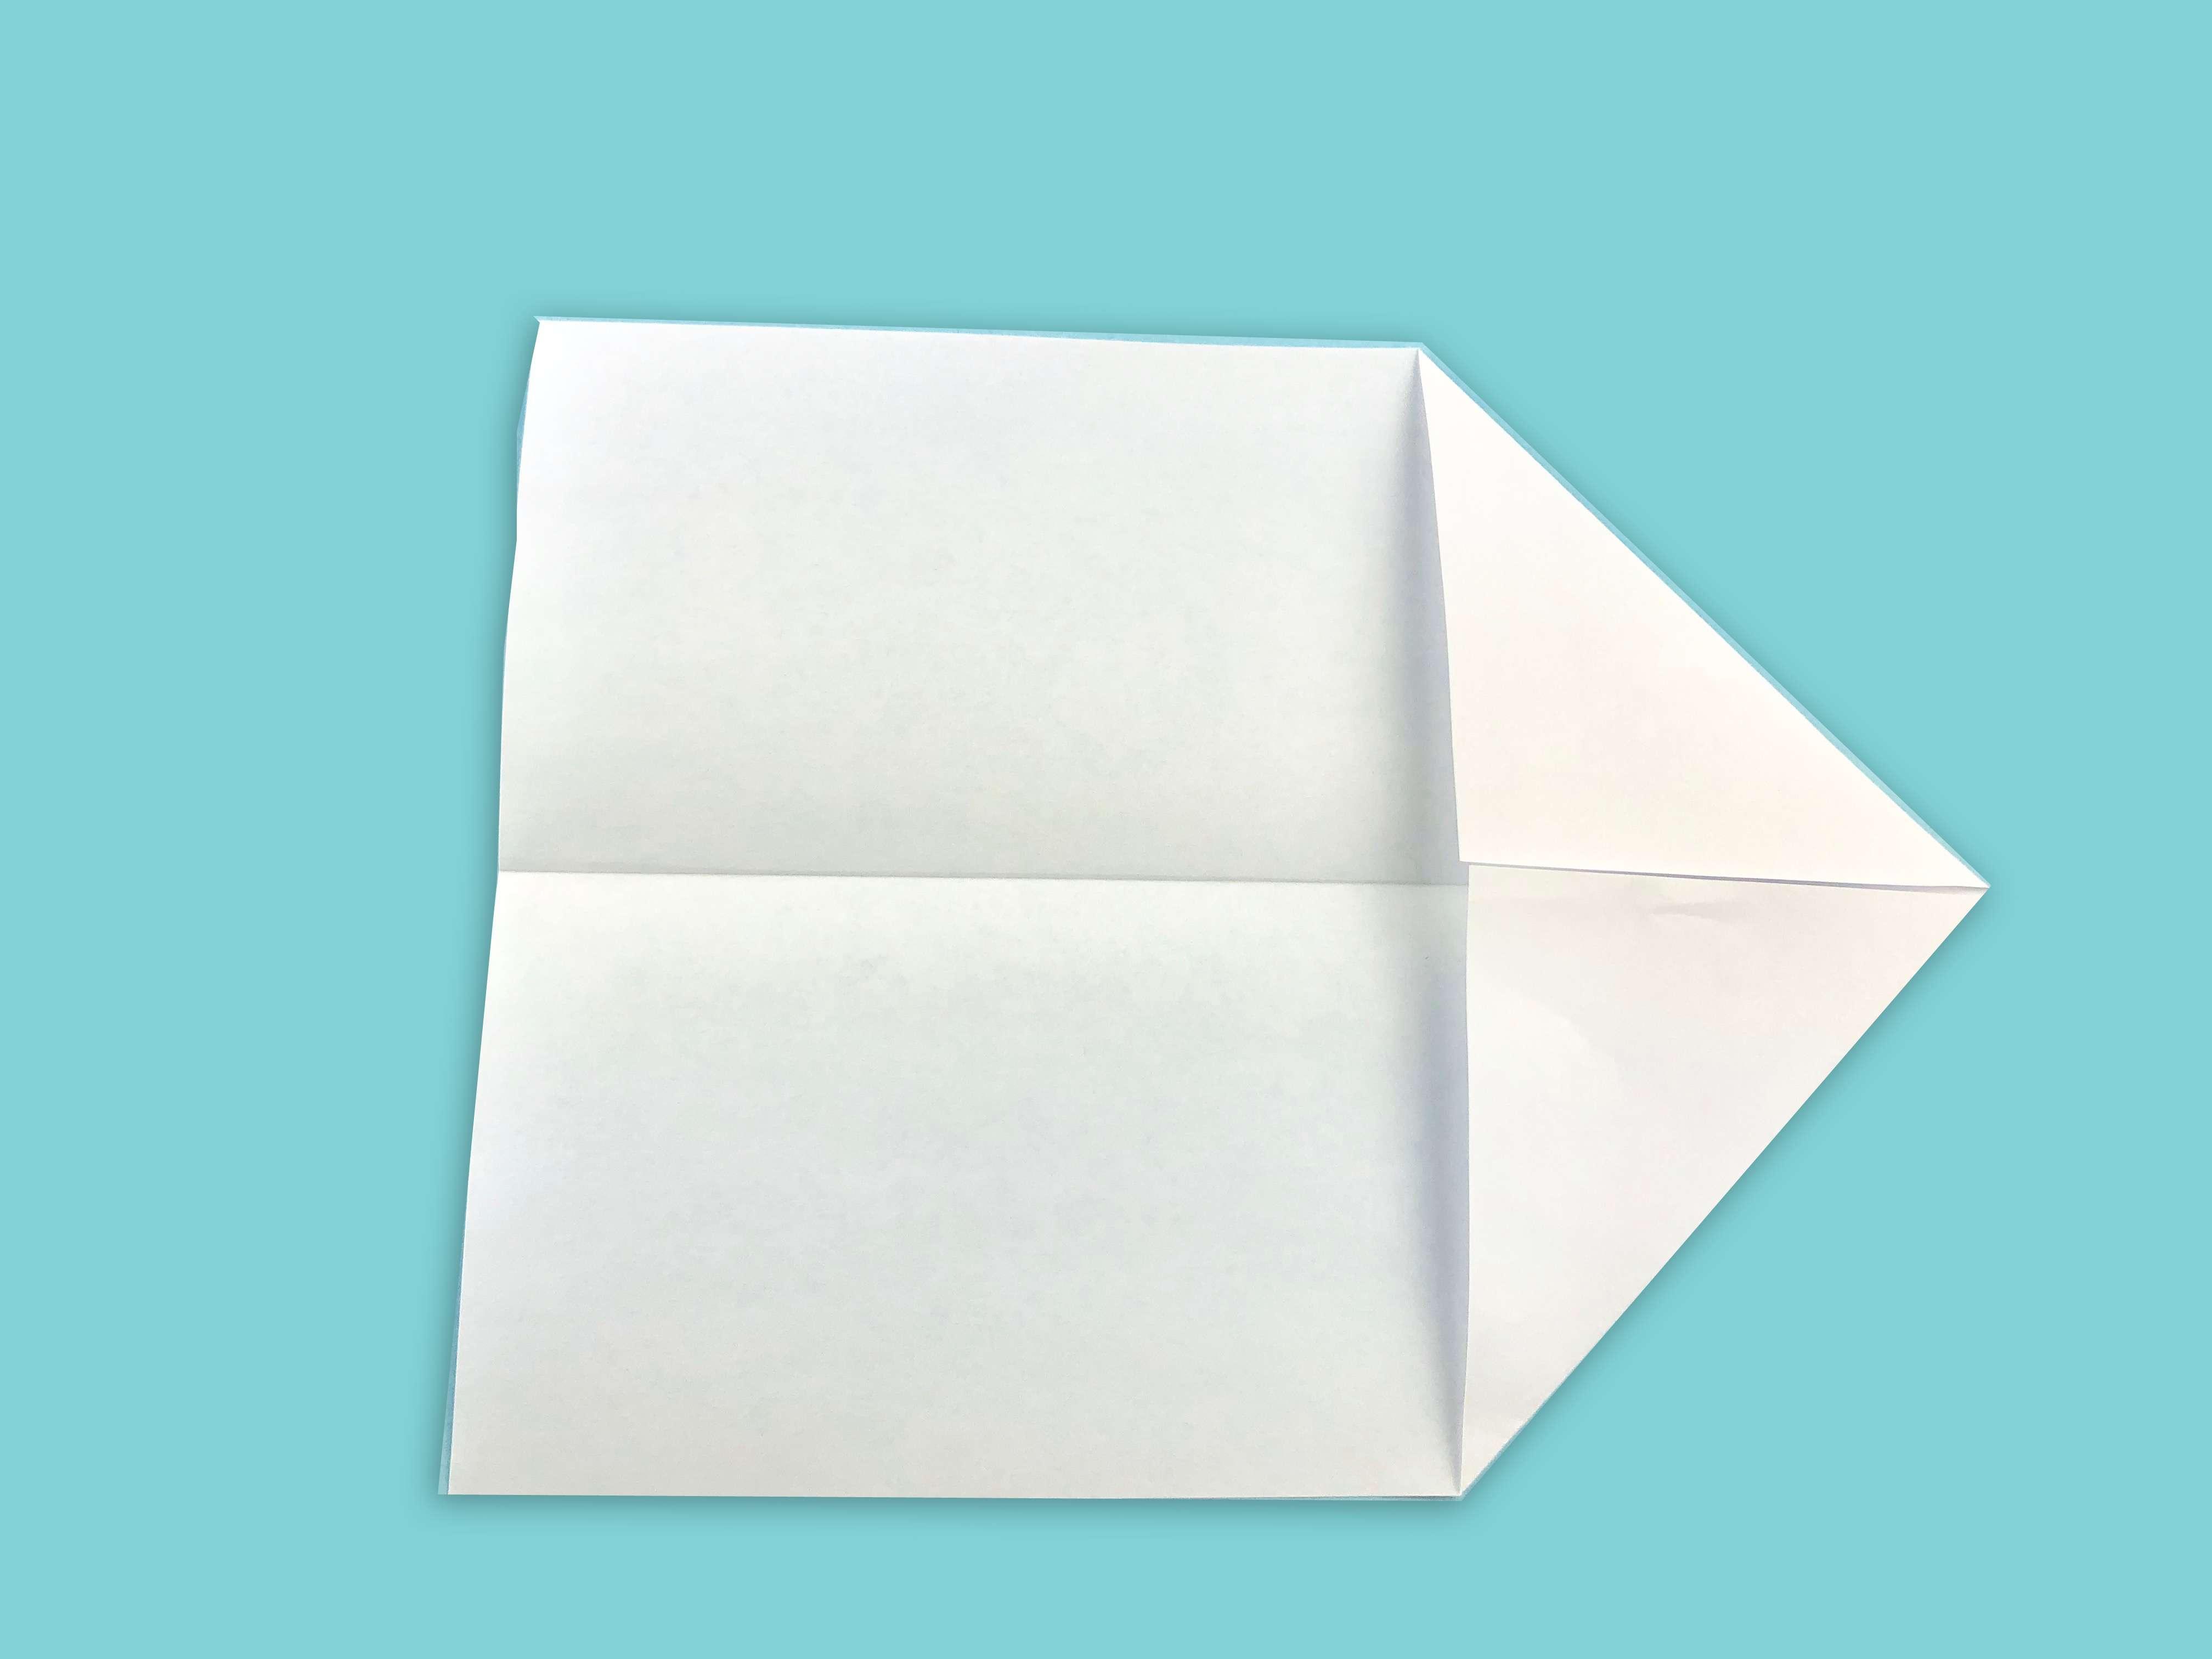 2 folded corners